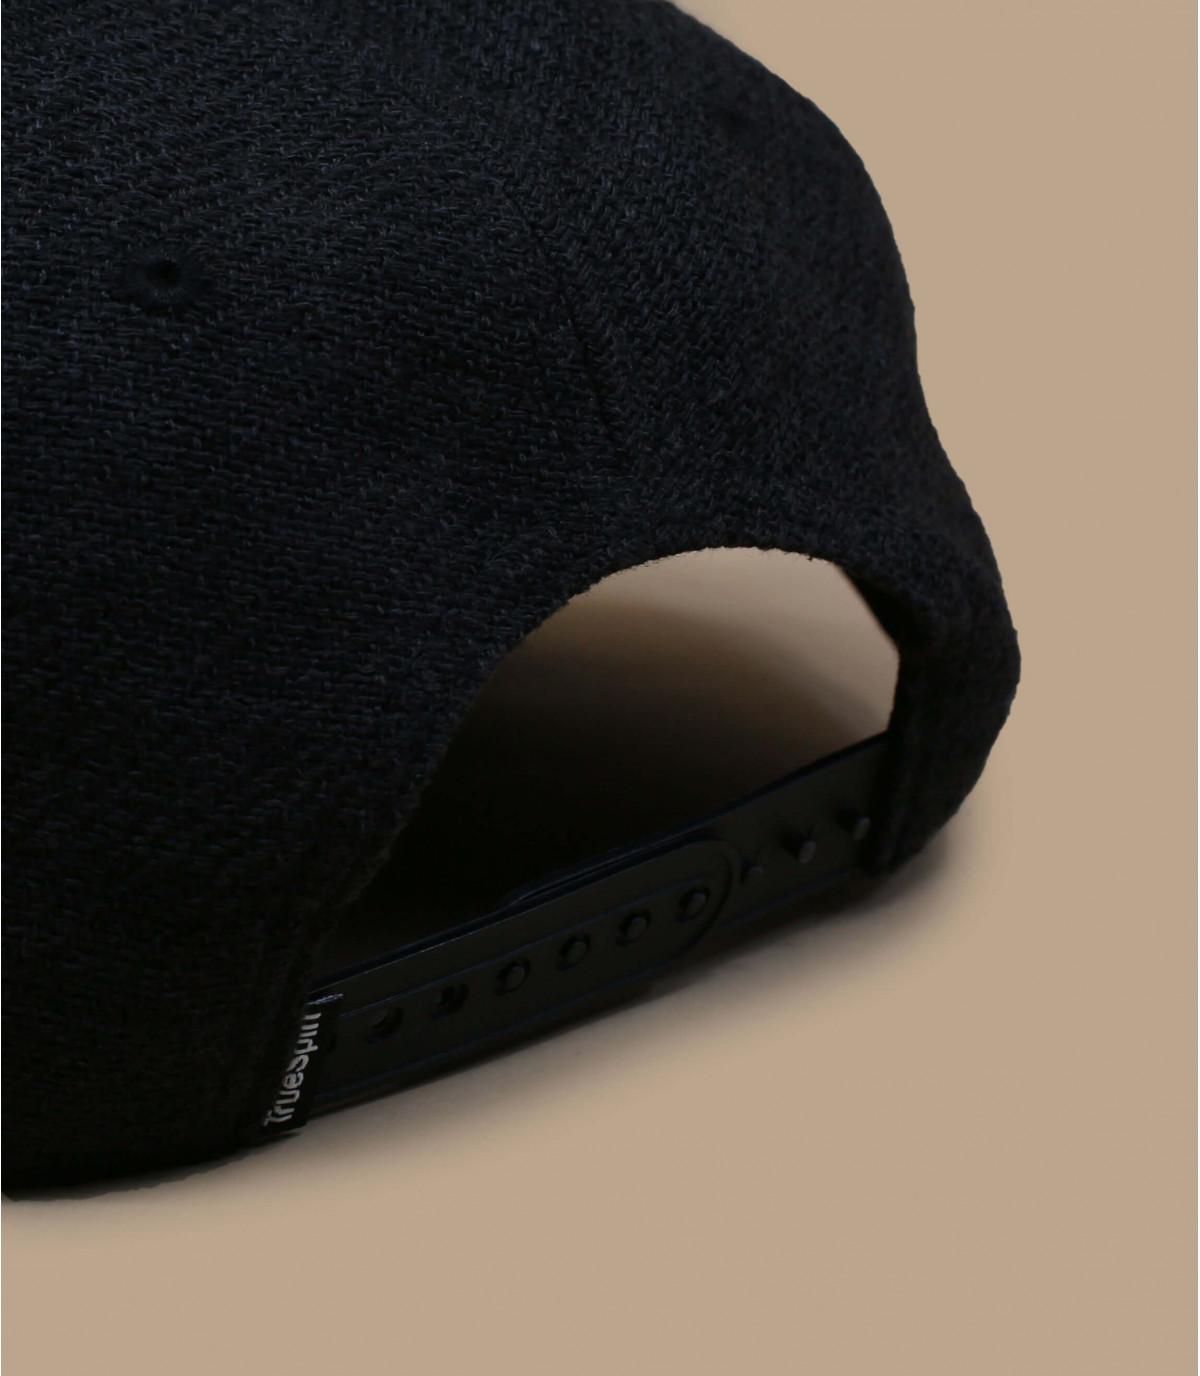 Details Snapback Rubber Taper black black - afbeeling 3